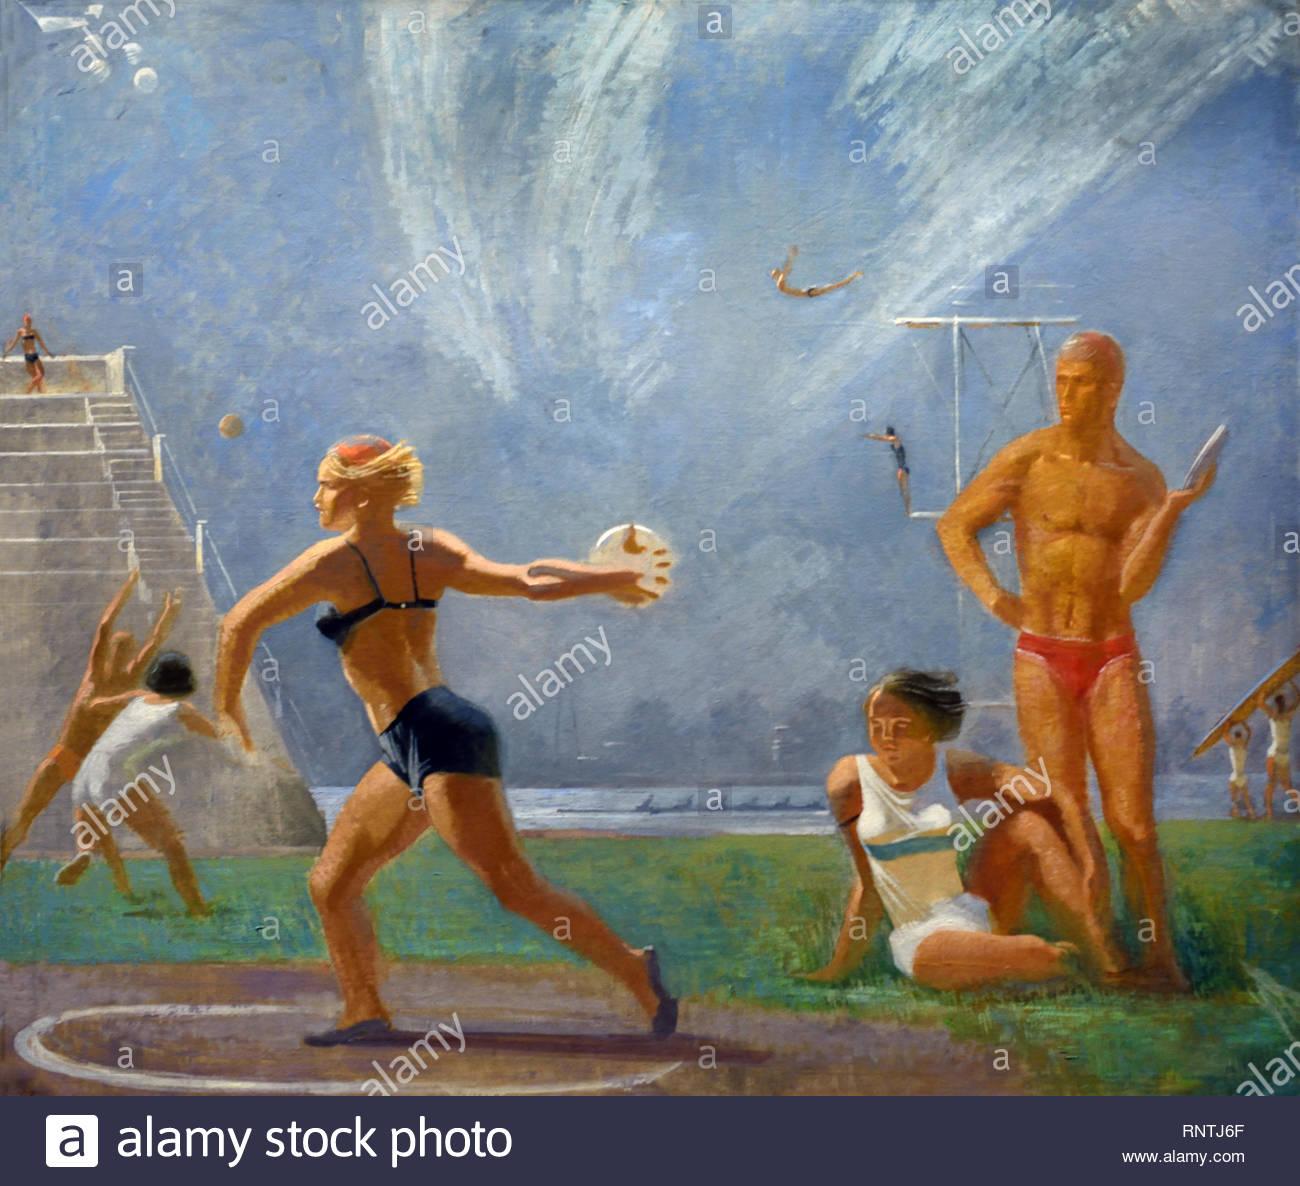 Presso lo stadio (atletica leggera) 1934 Alexander Samokhvalov. Unione Sovietica propaganda comunista (Russia sotto Lenin e Stalin1921-1953 ). Immagini Stock